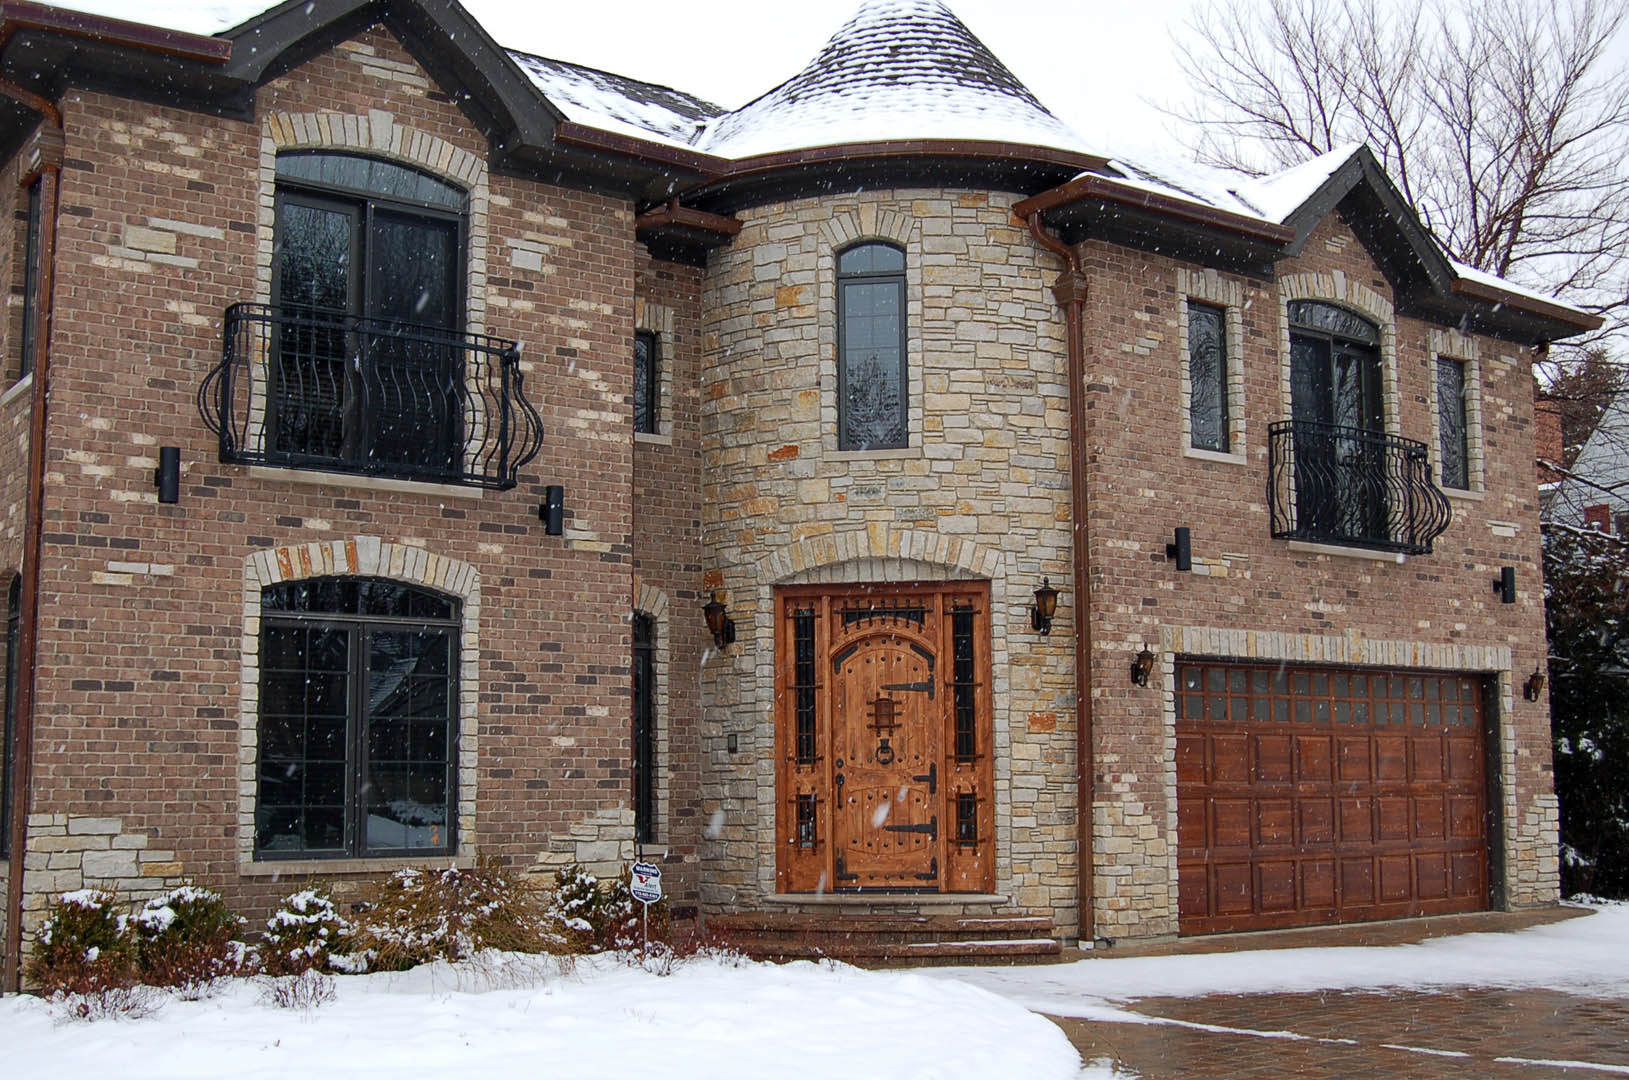 1080 #664537 WOOD OVERHEAD GARAGE DOORS NICKSBUILDING.COM picture/photo Overhead Garage Doors 38291629